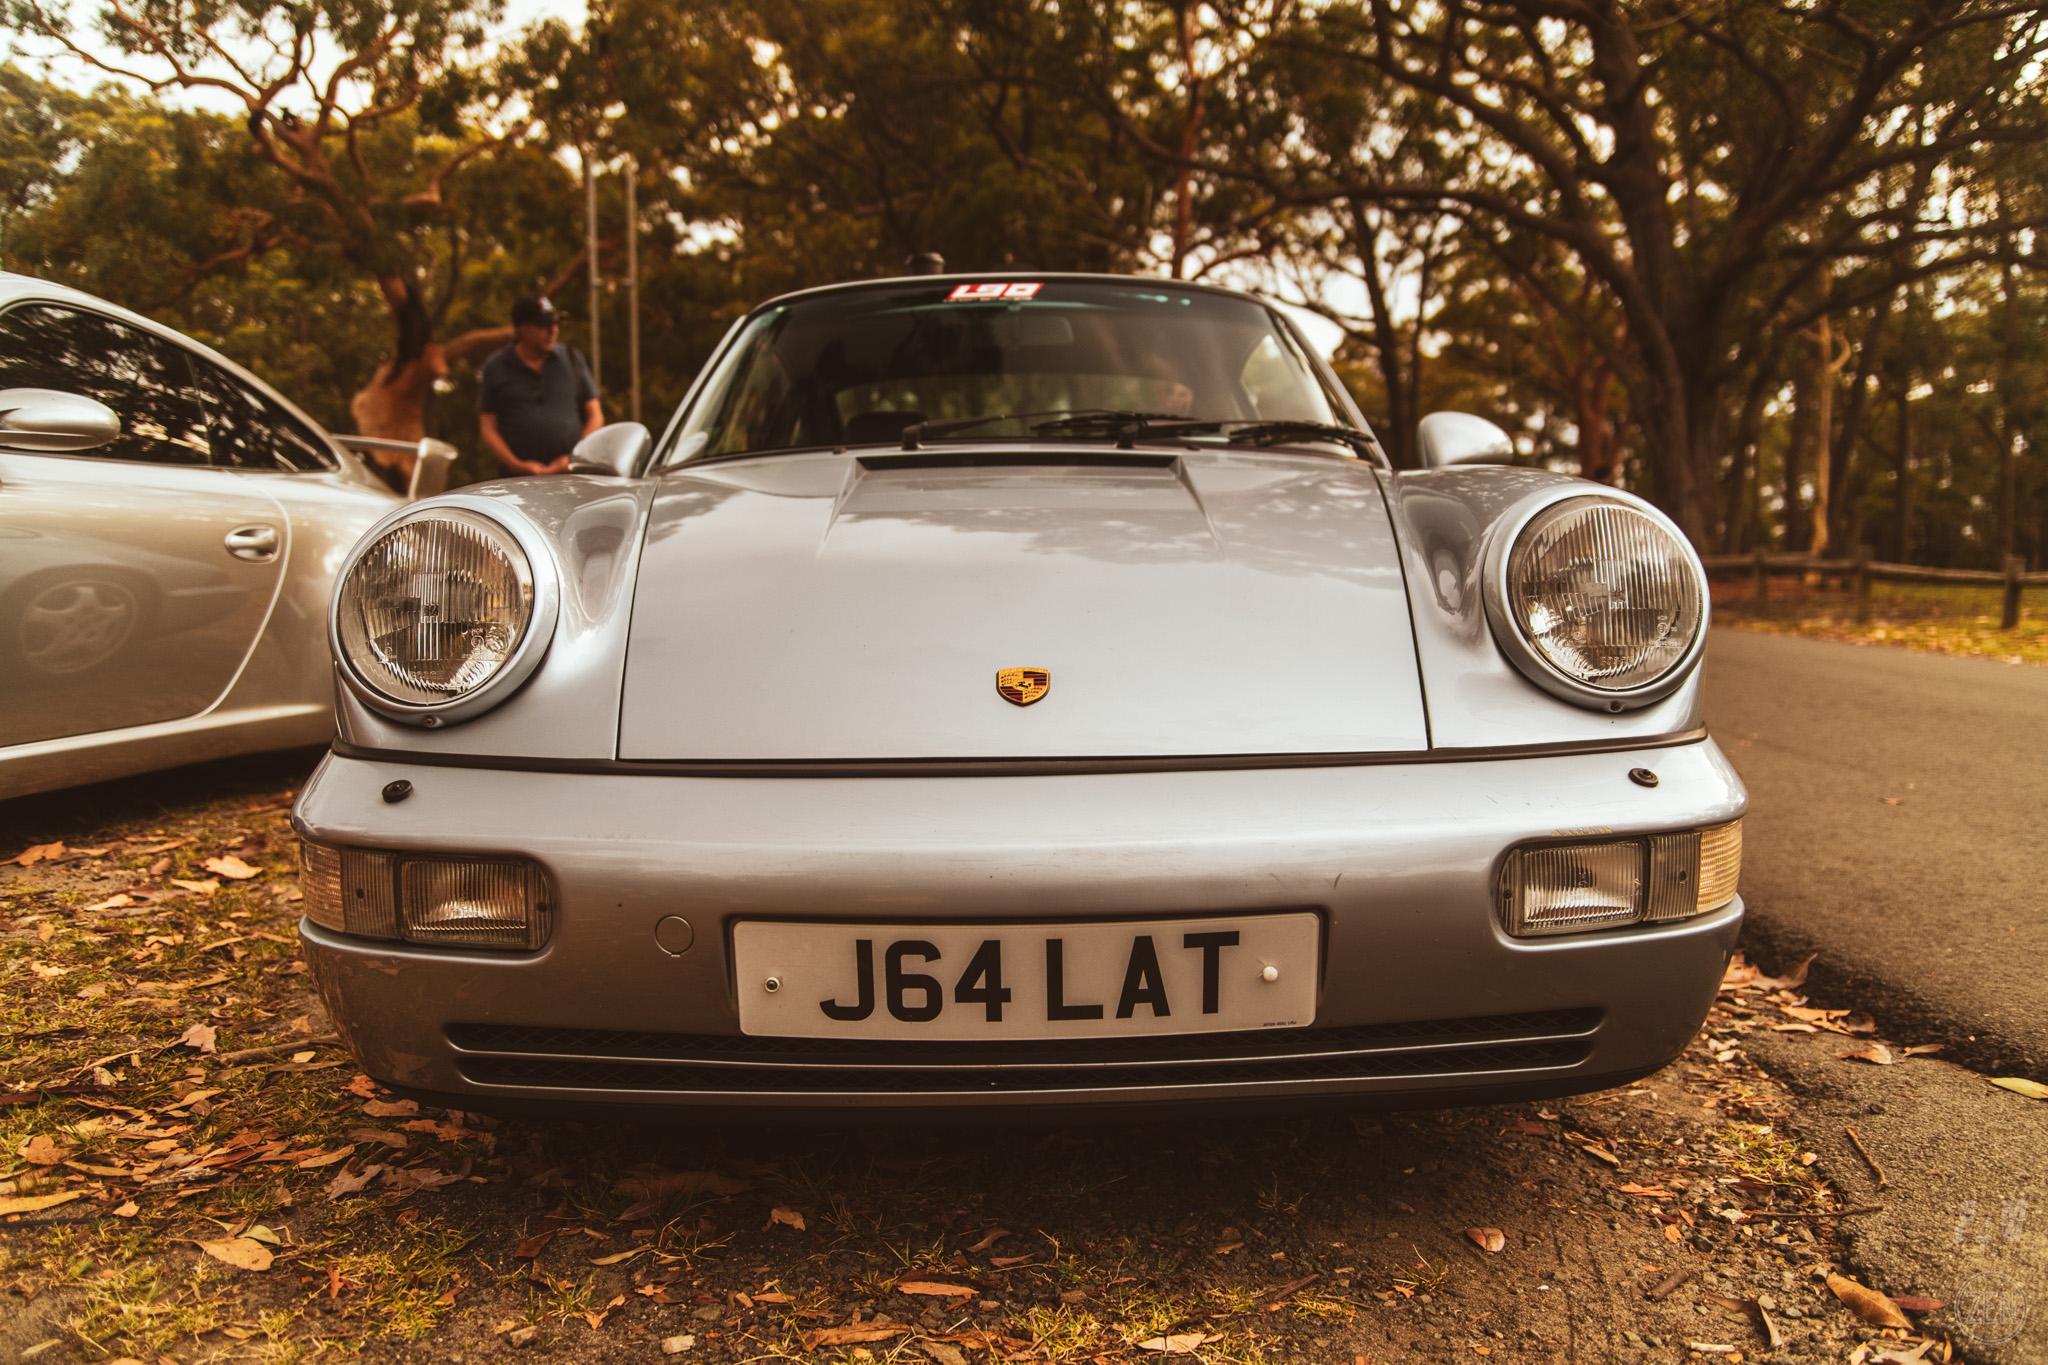 2019-12-08 - Porsches & Coffee 024